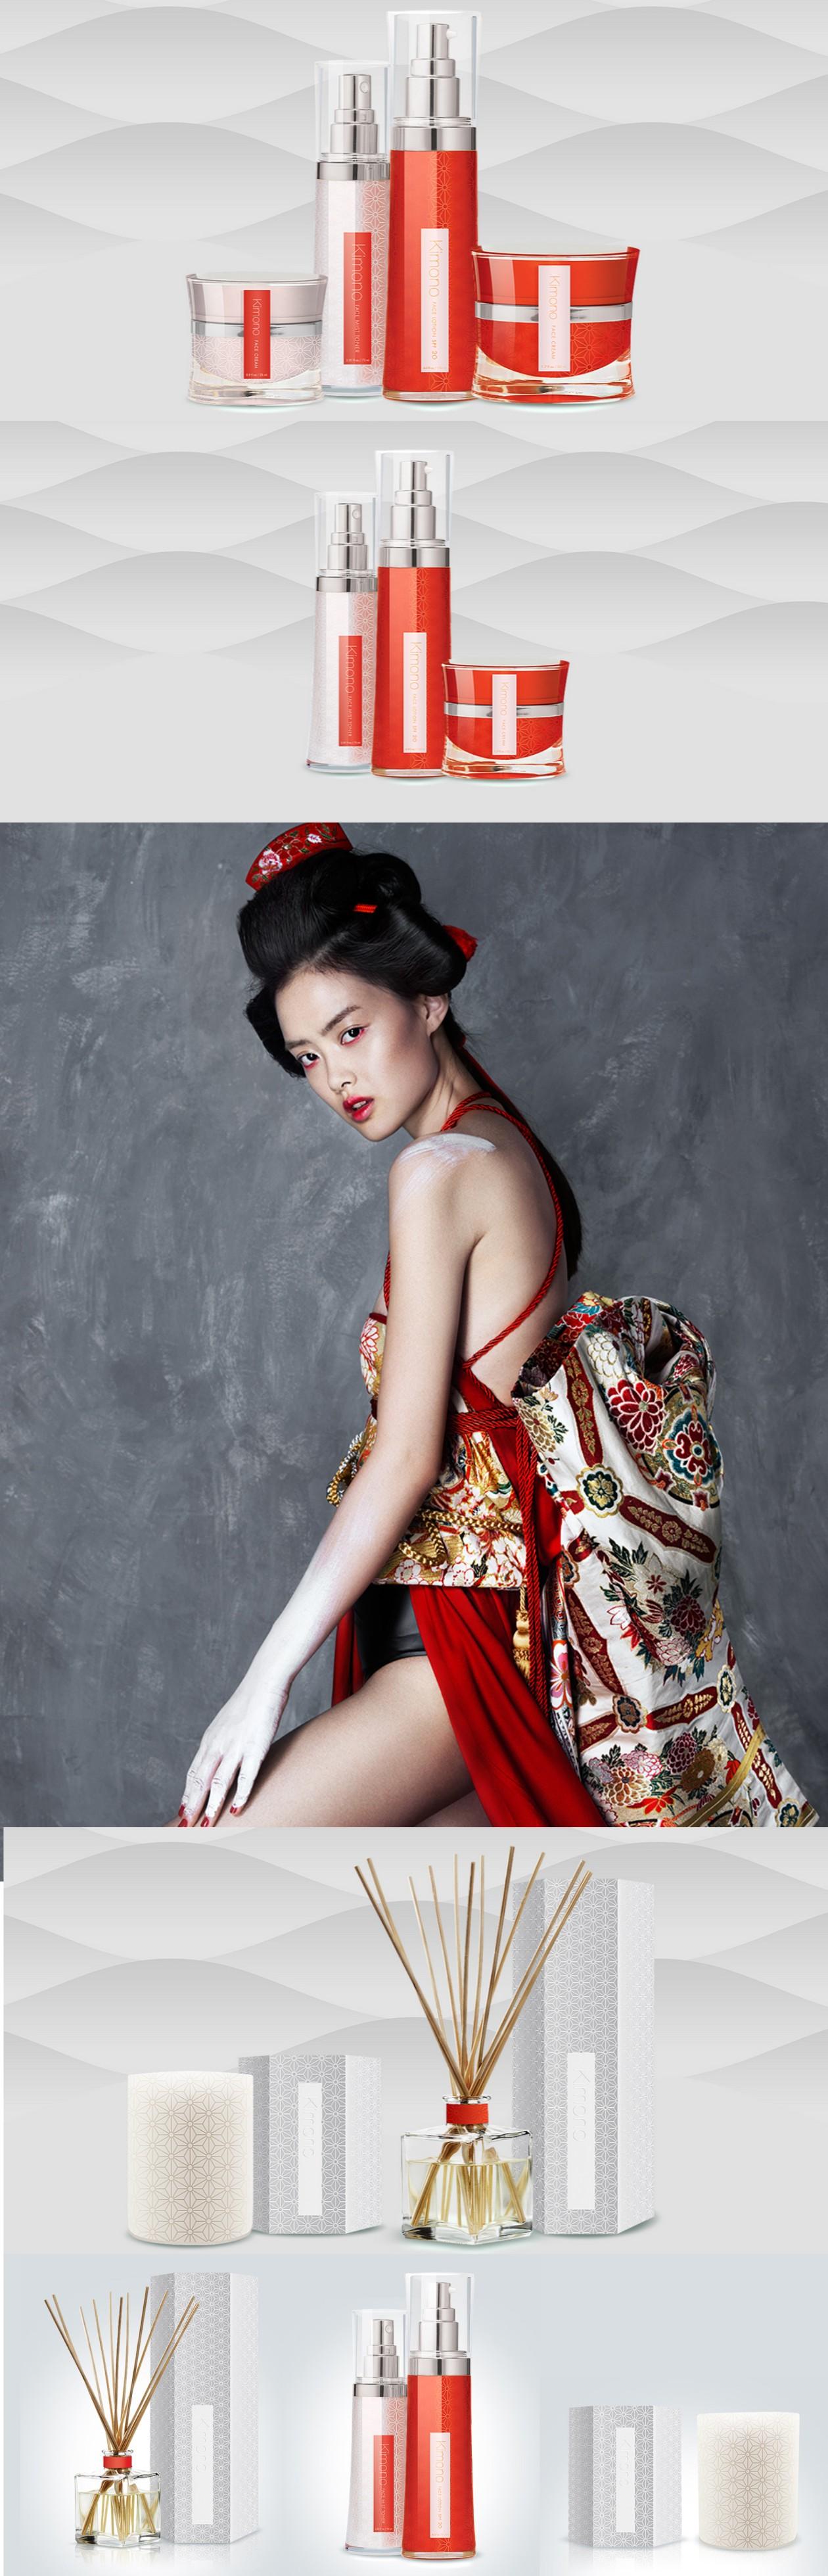 東風氣質風格的化妝品包裝設計欣賞